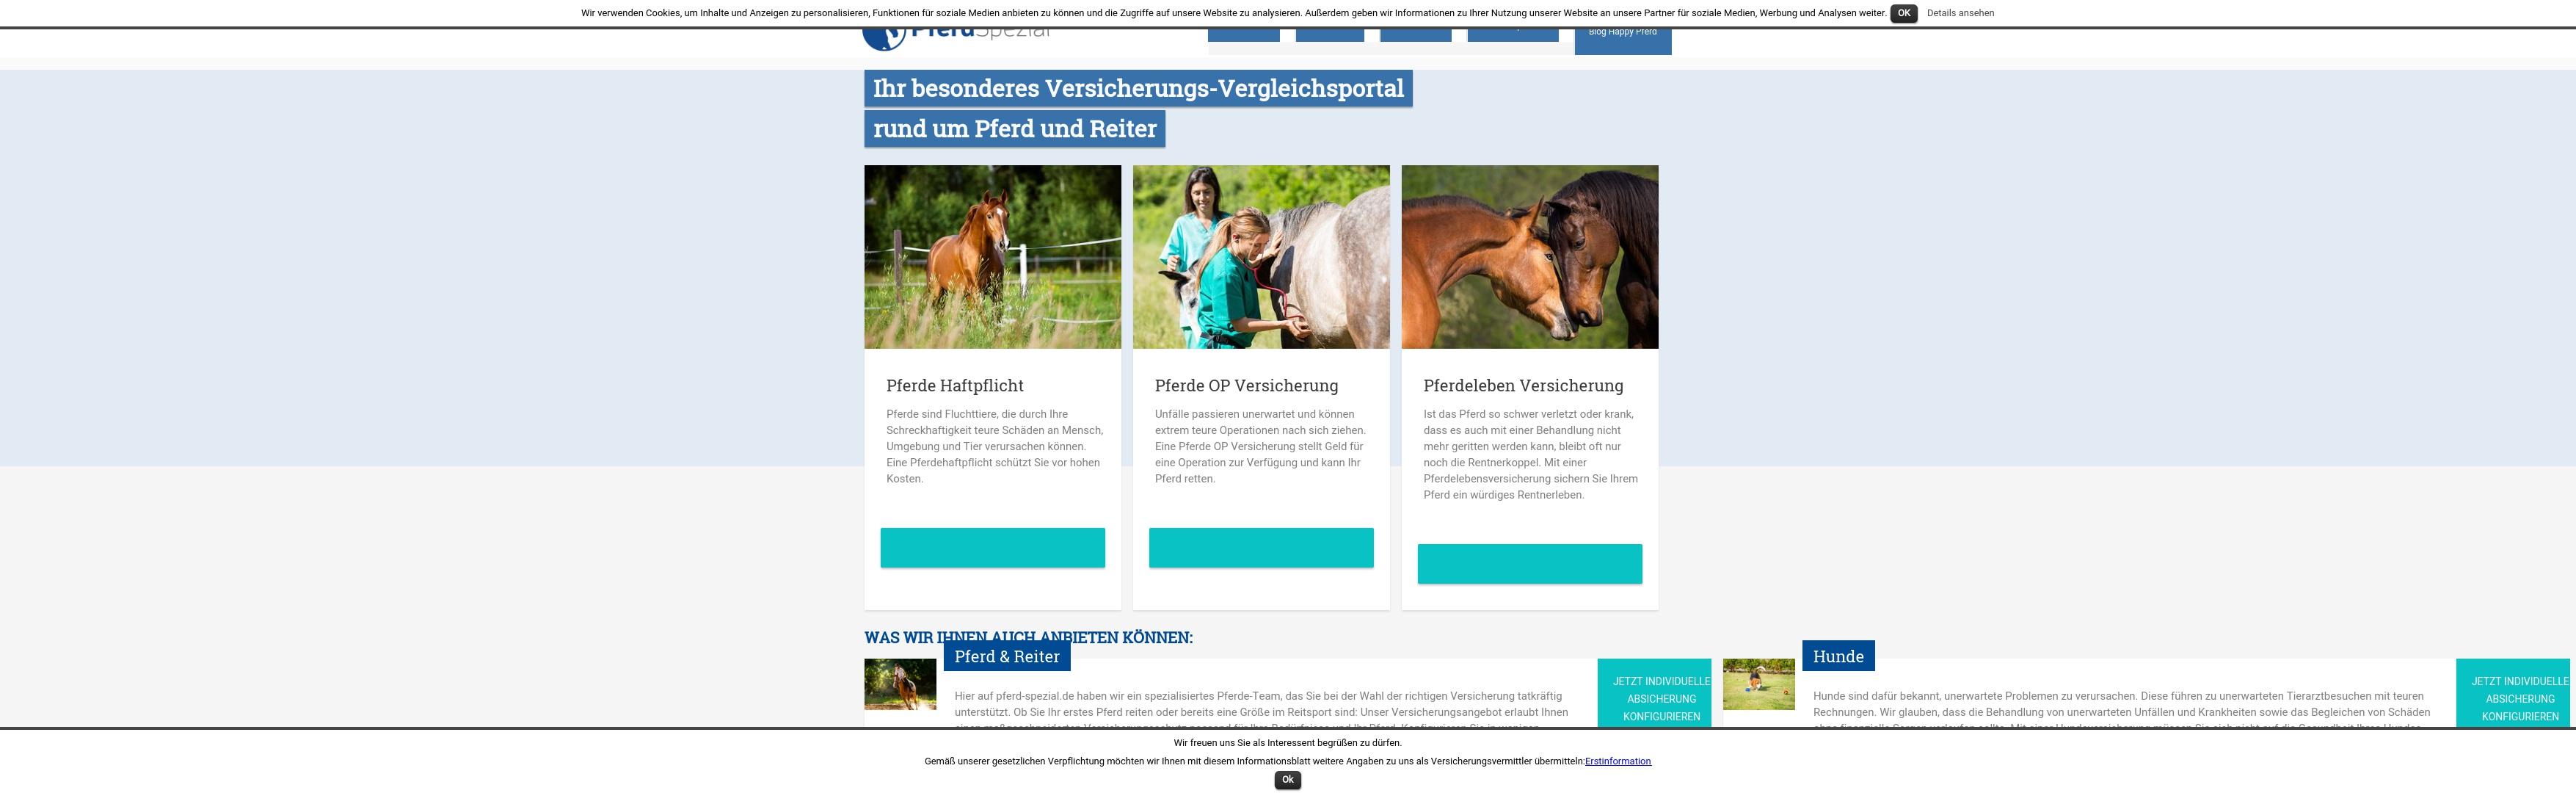 Geld zurück bei Pferd-spezial: Jetzt im September 2021 Cashback für Pferd-spezial sichern